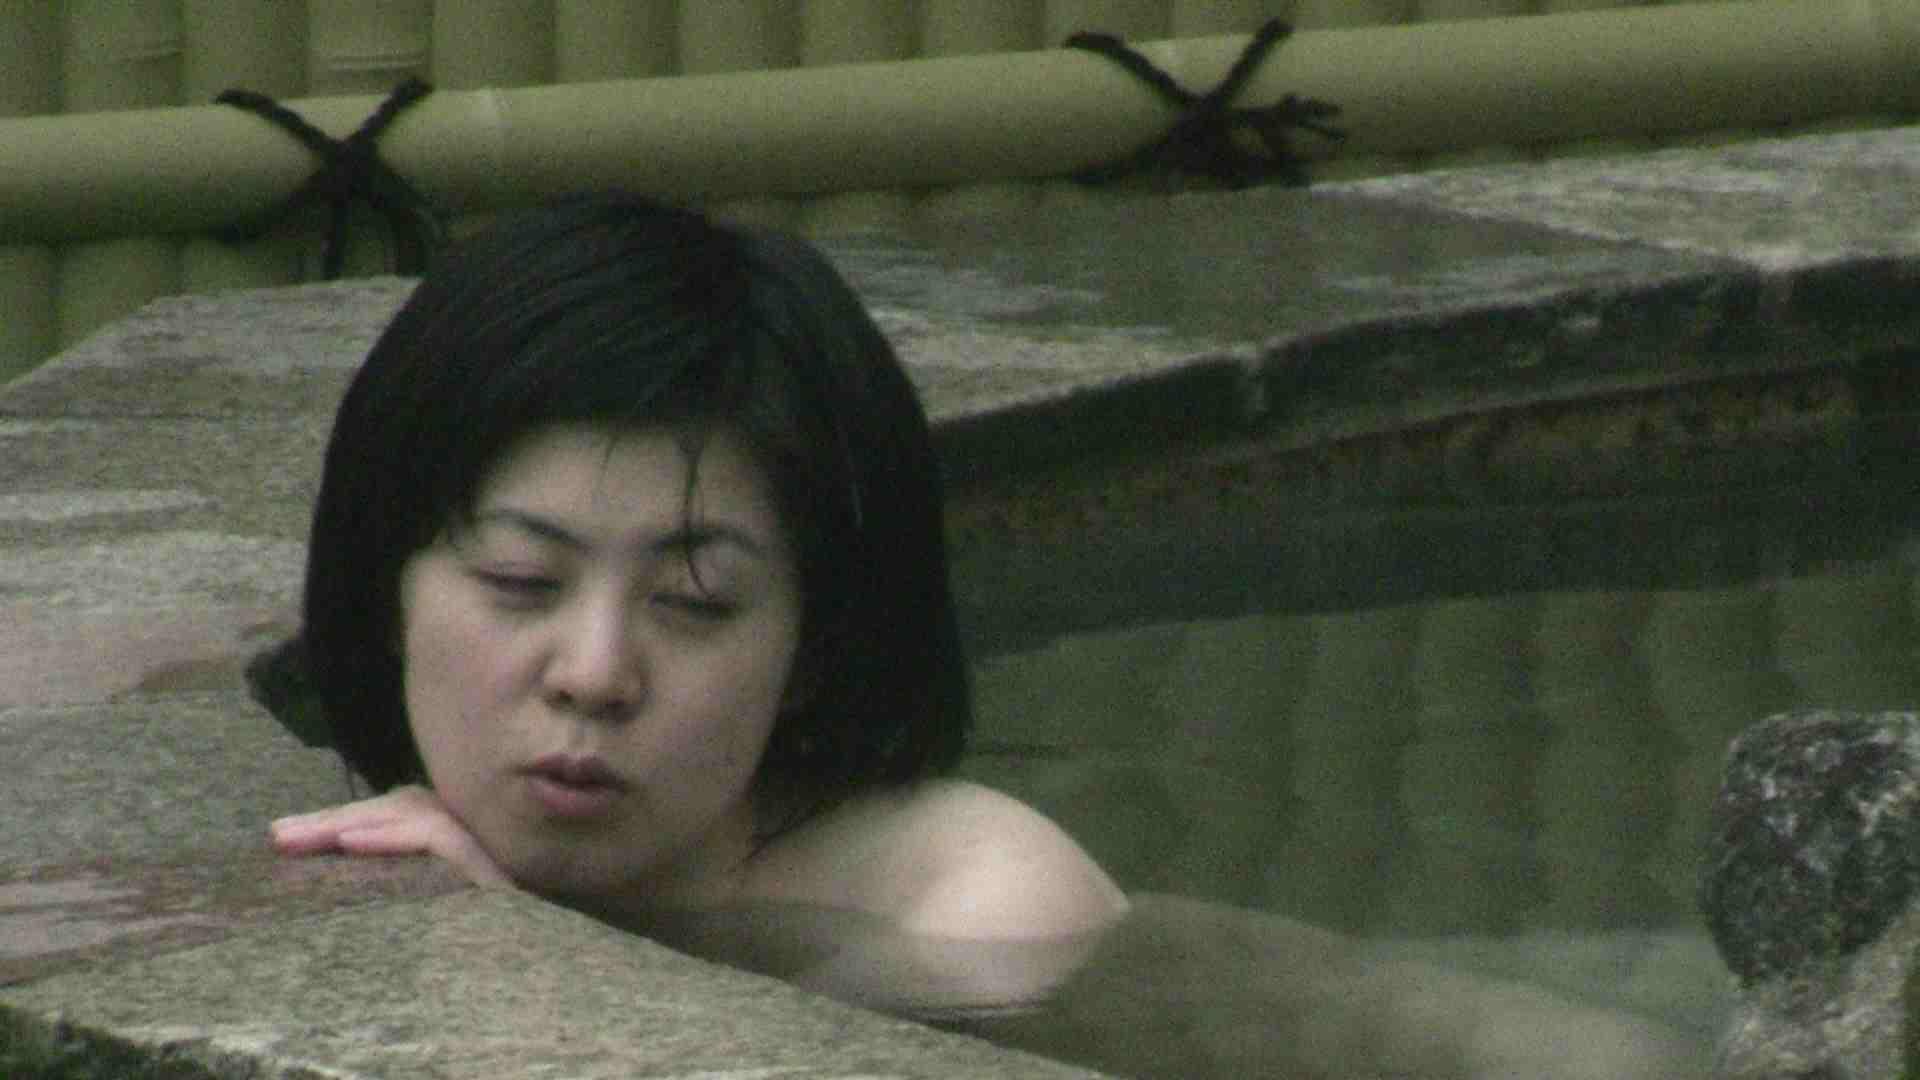 Aquaな露天風呂Vol.685 露天風呂 | 盗撮動画  9枚 7